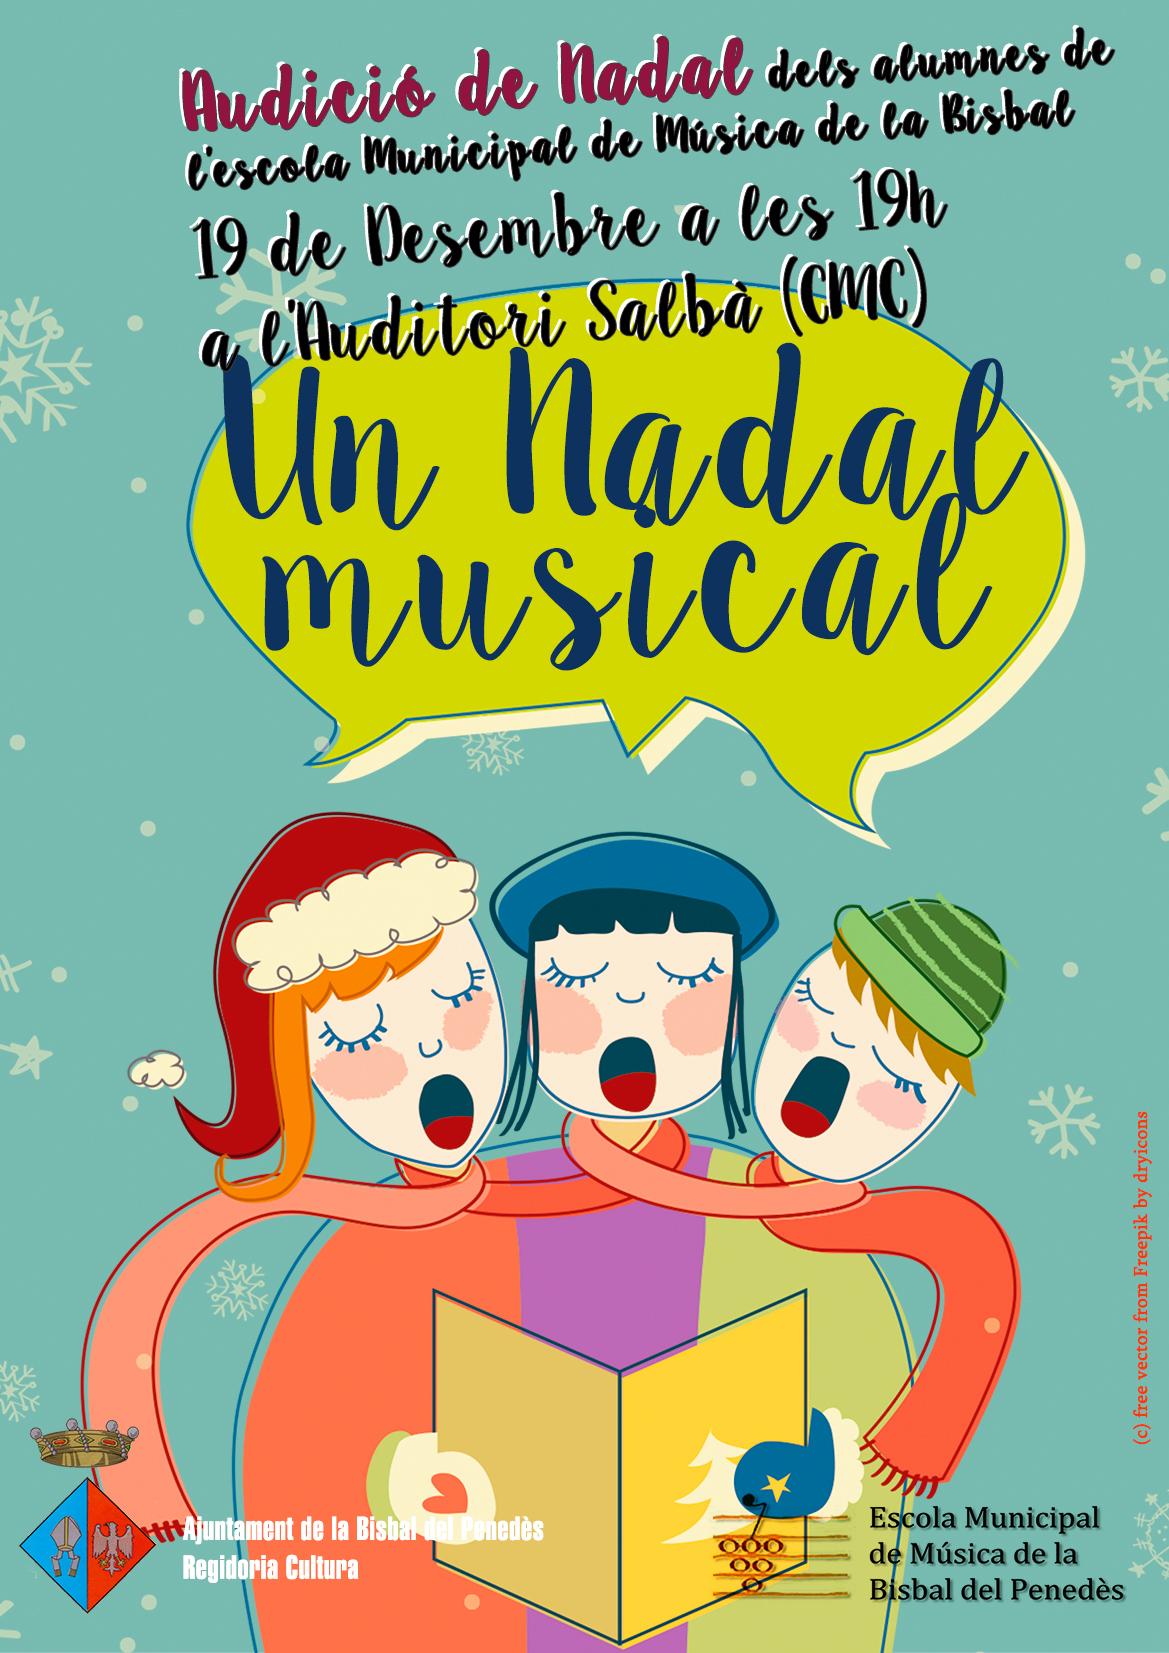 El 19 de desembre els alumnes de l'Escola Municipal de Música faran una audició